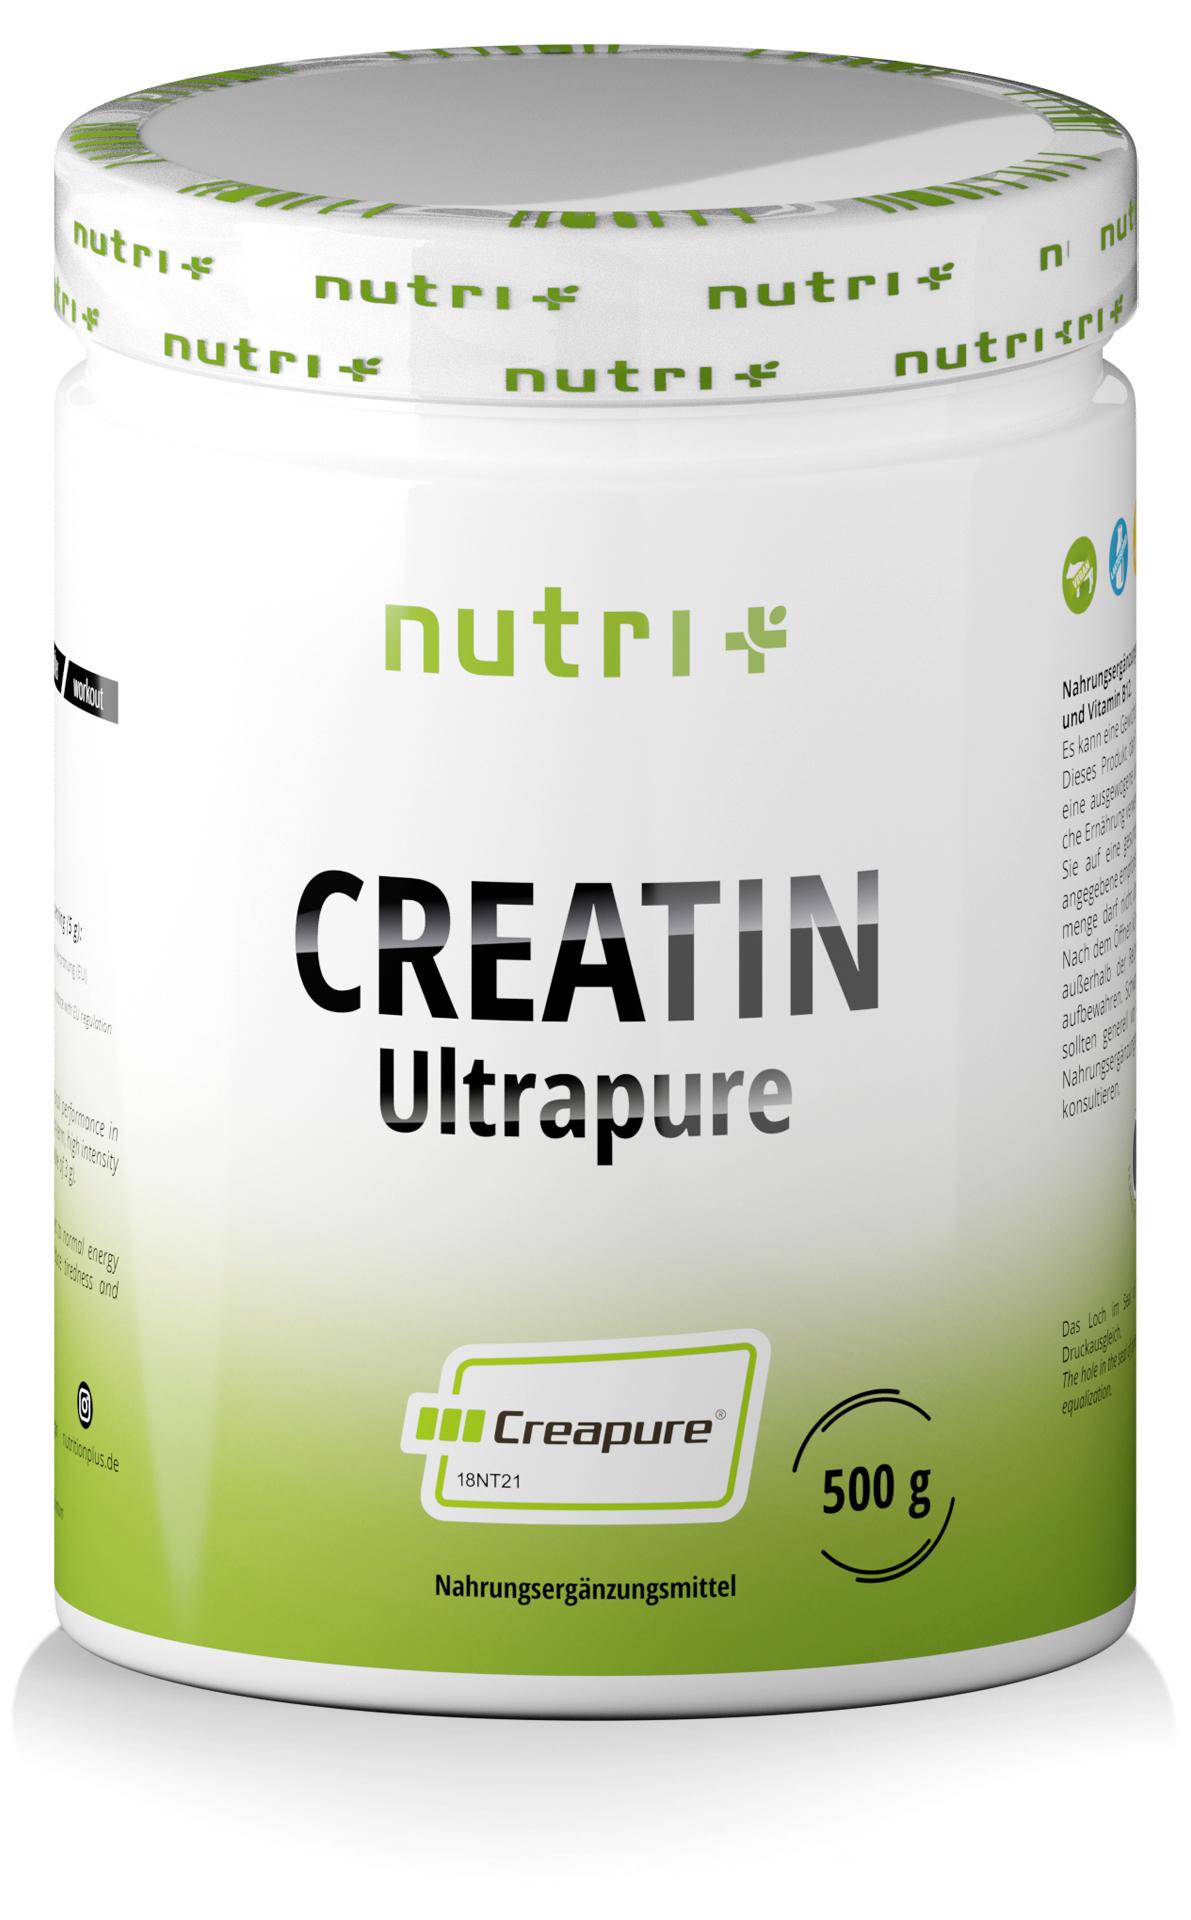 nutri+ Creatin Ultrapure Pulver (Creapure®)